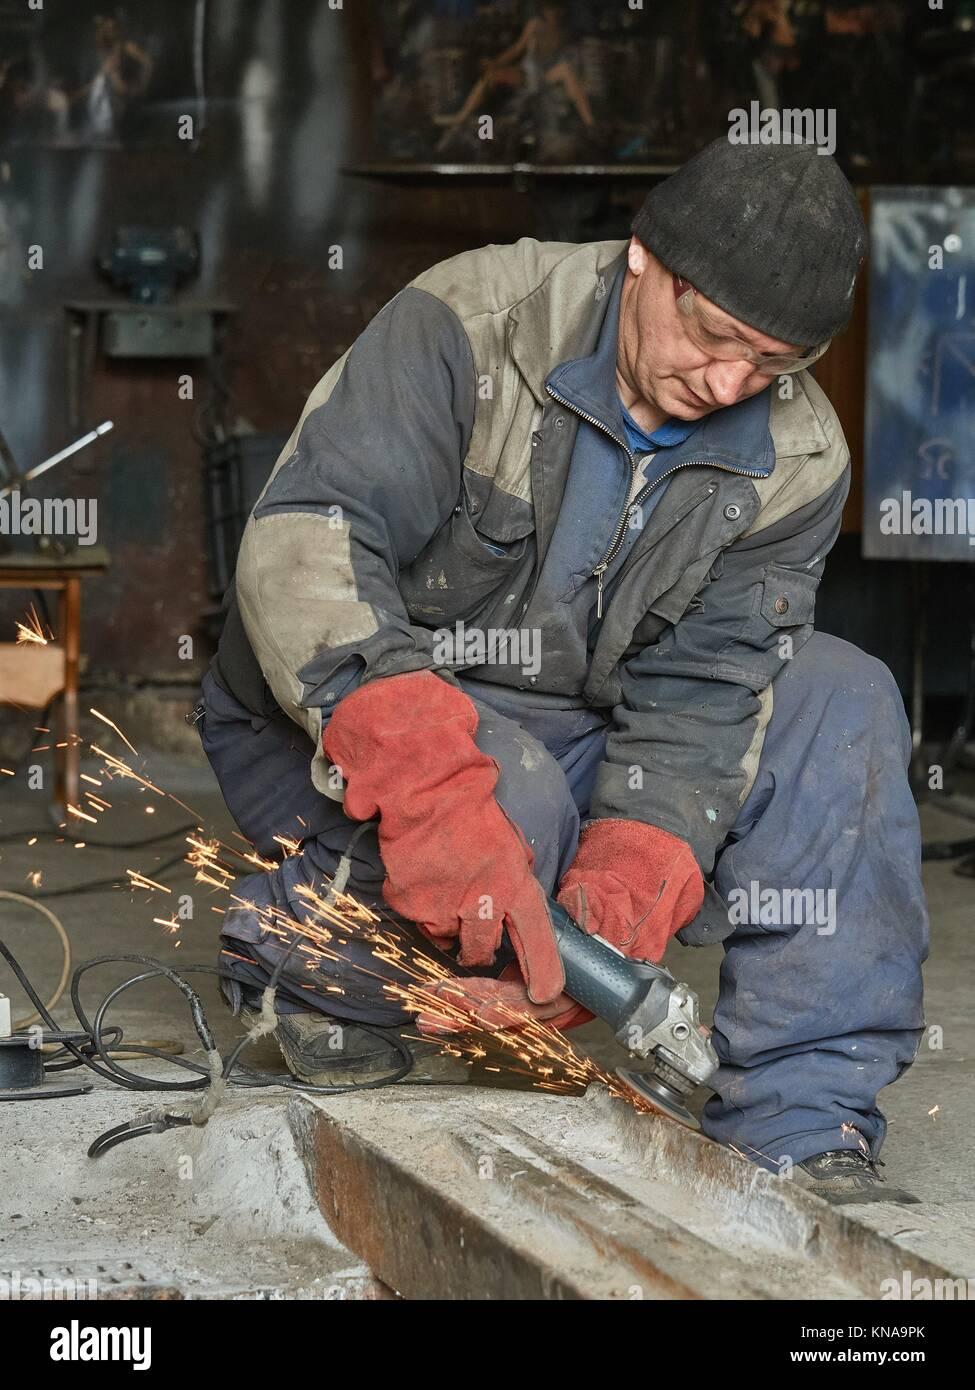 Lavoratore macina una rampa di metallo per la successiva saldatura. La foto mostra le scintille di La Mola. Immagini Stock